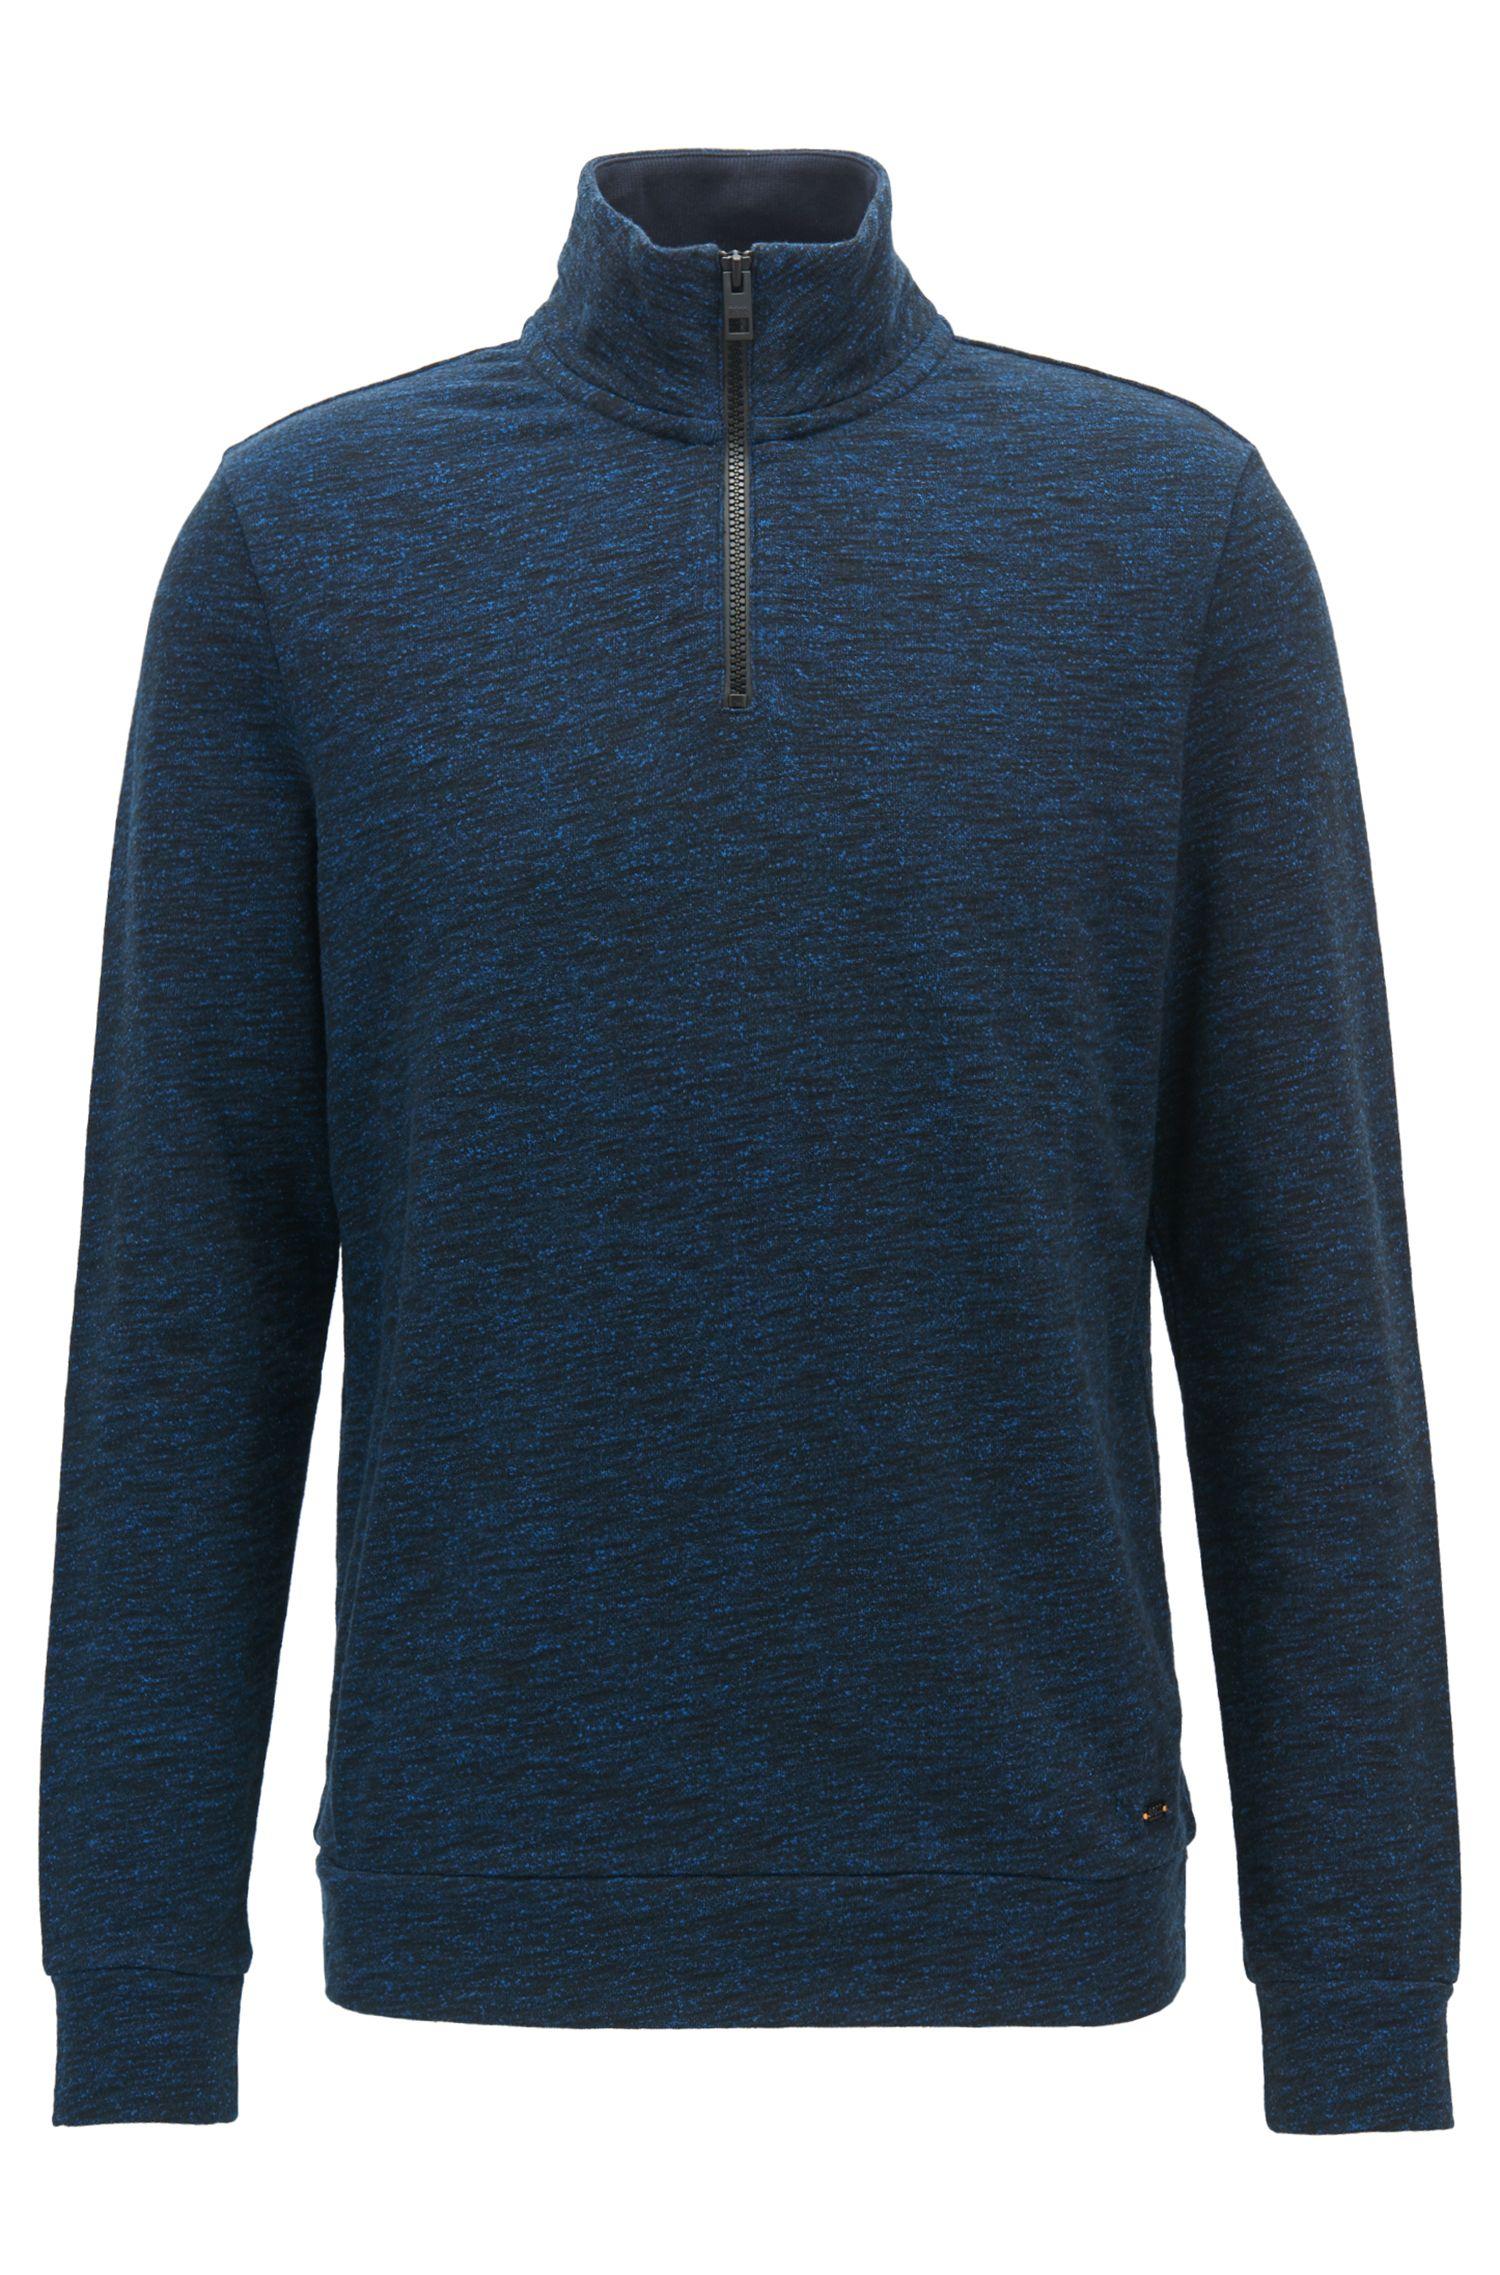 Half-Zip Sweater   Ztart-Up